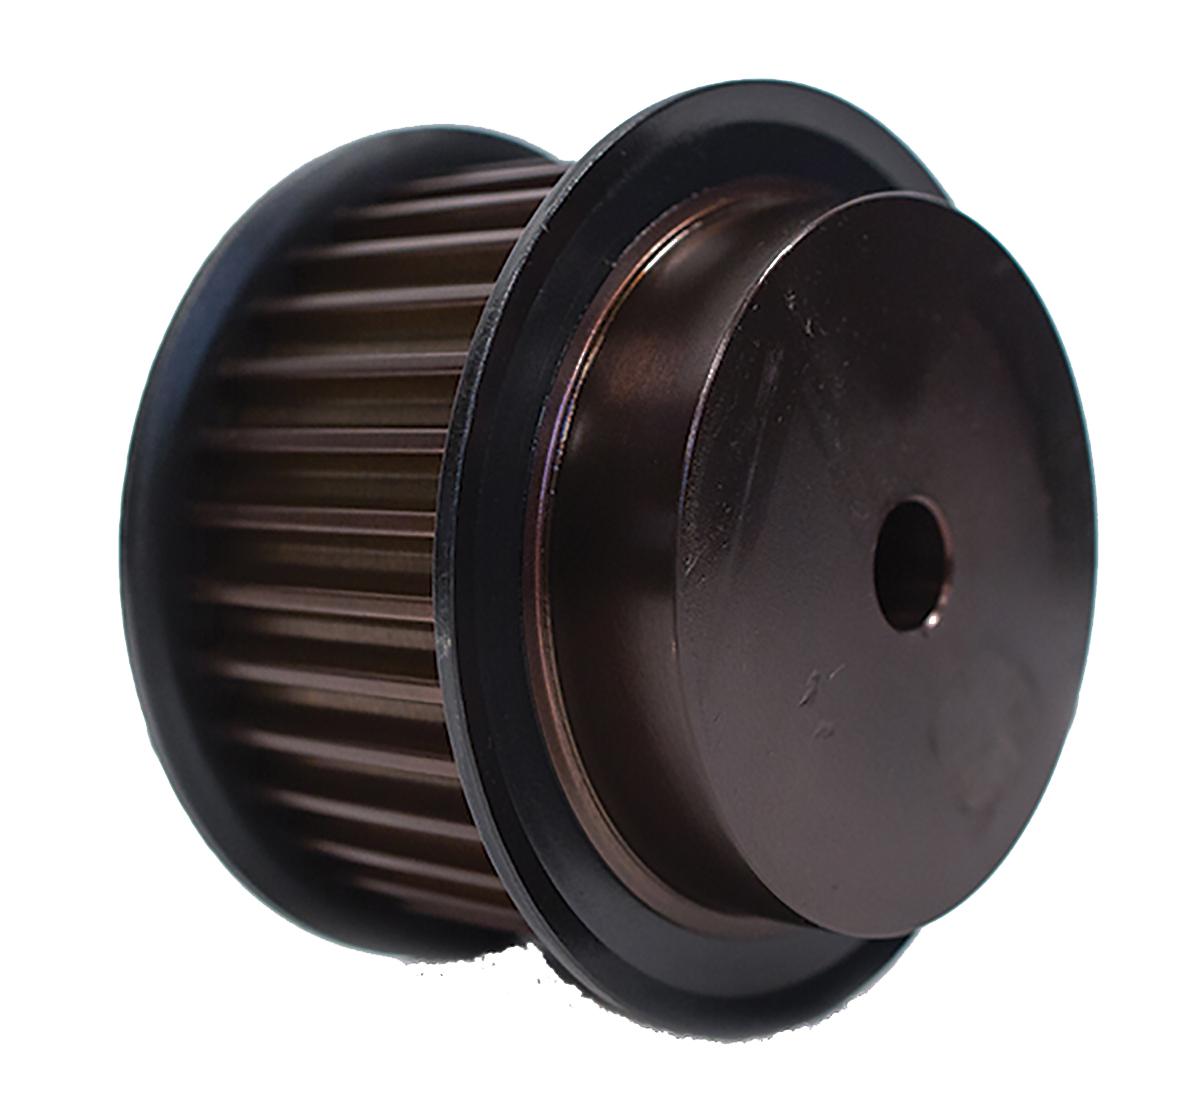 36-8MX36-6FS6 - Cast Iron Powerhouse® MX Pulleys